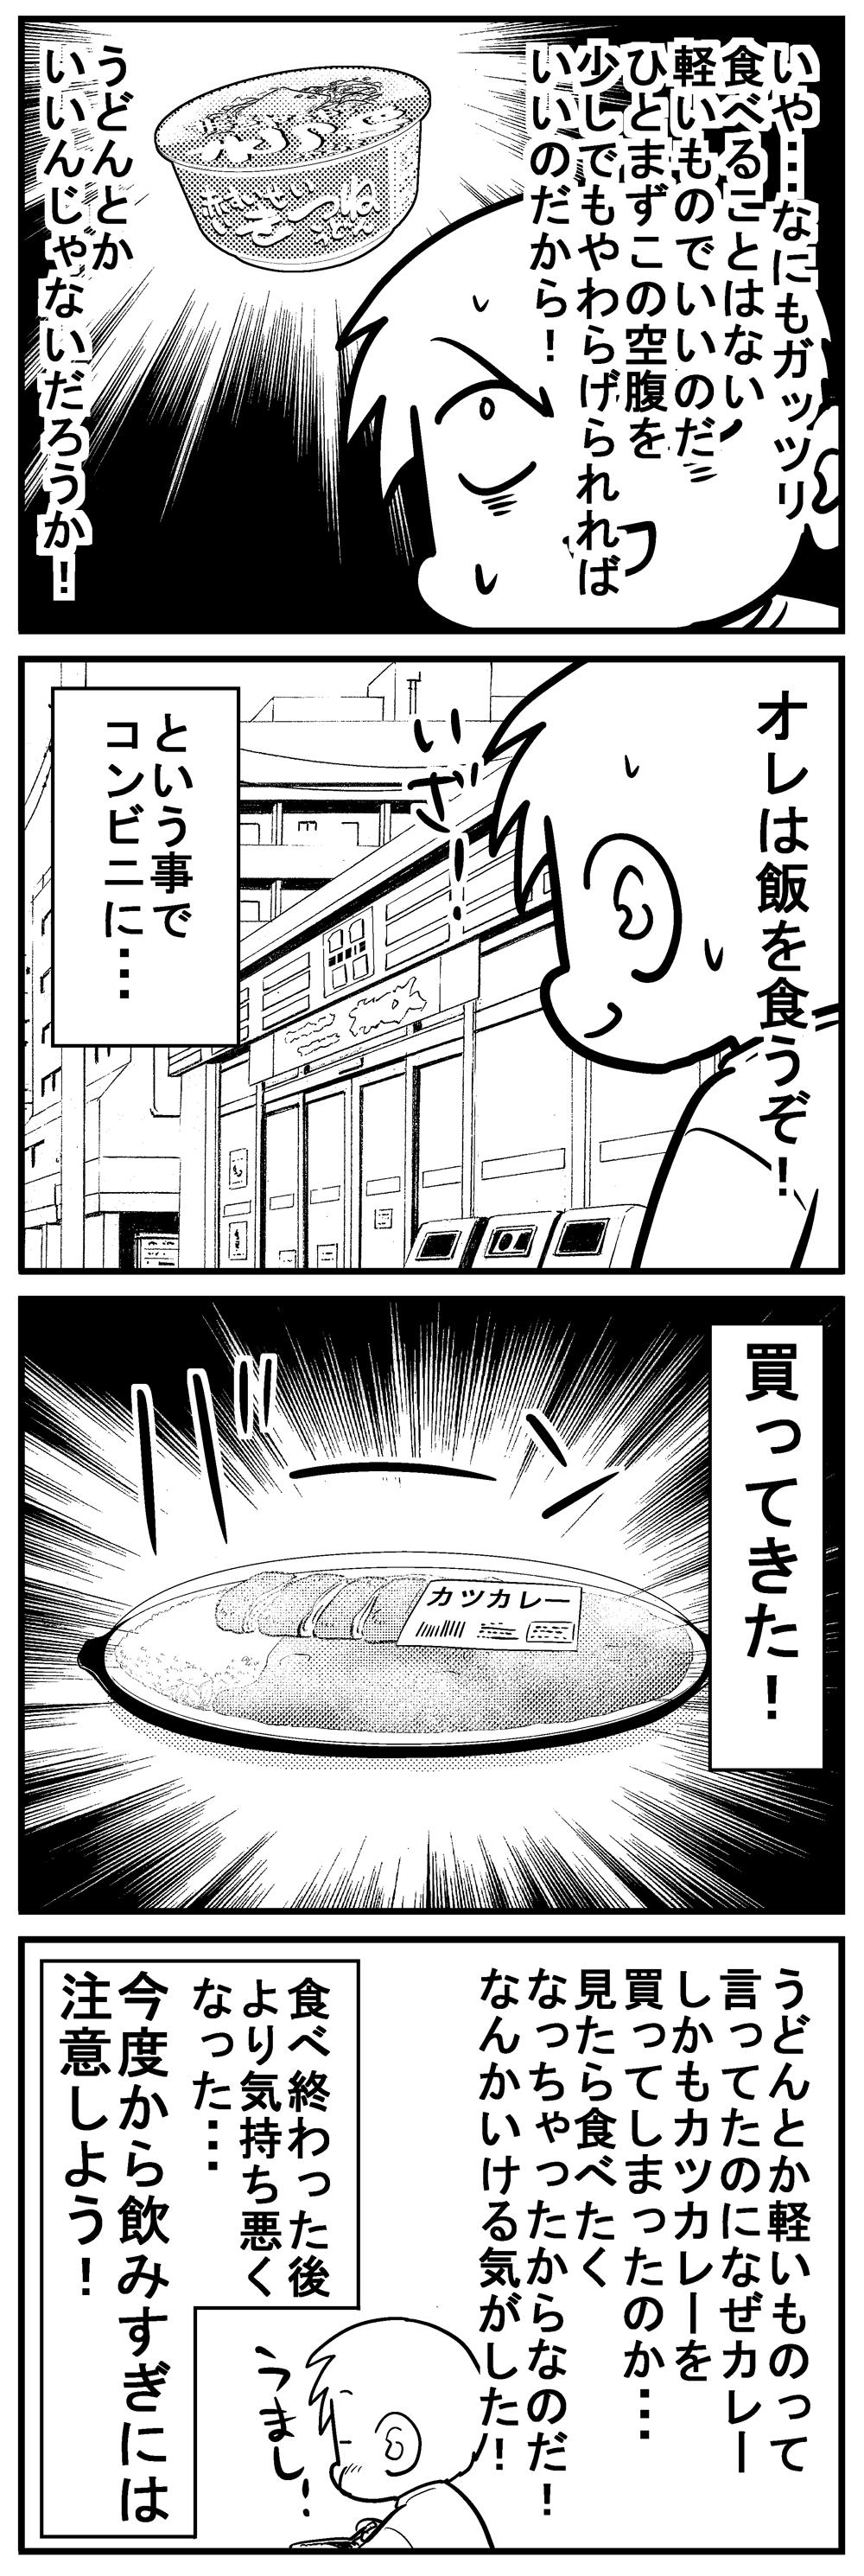 深読みくん133 4